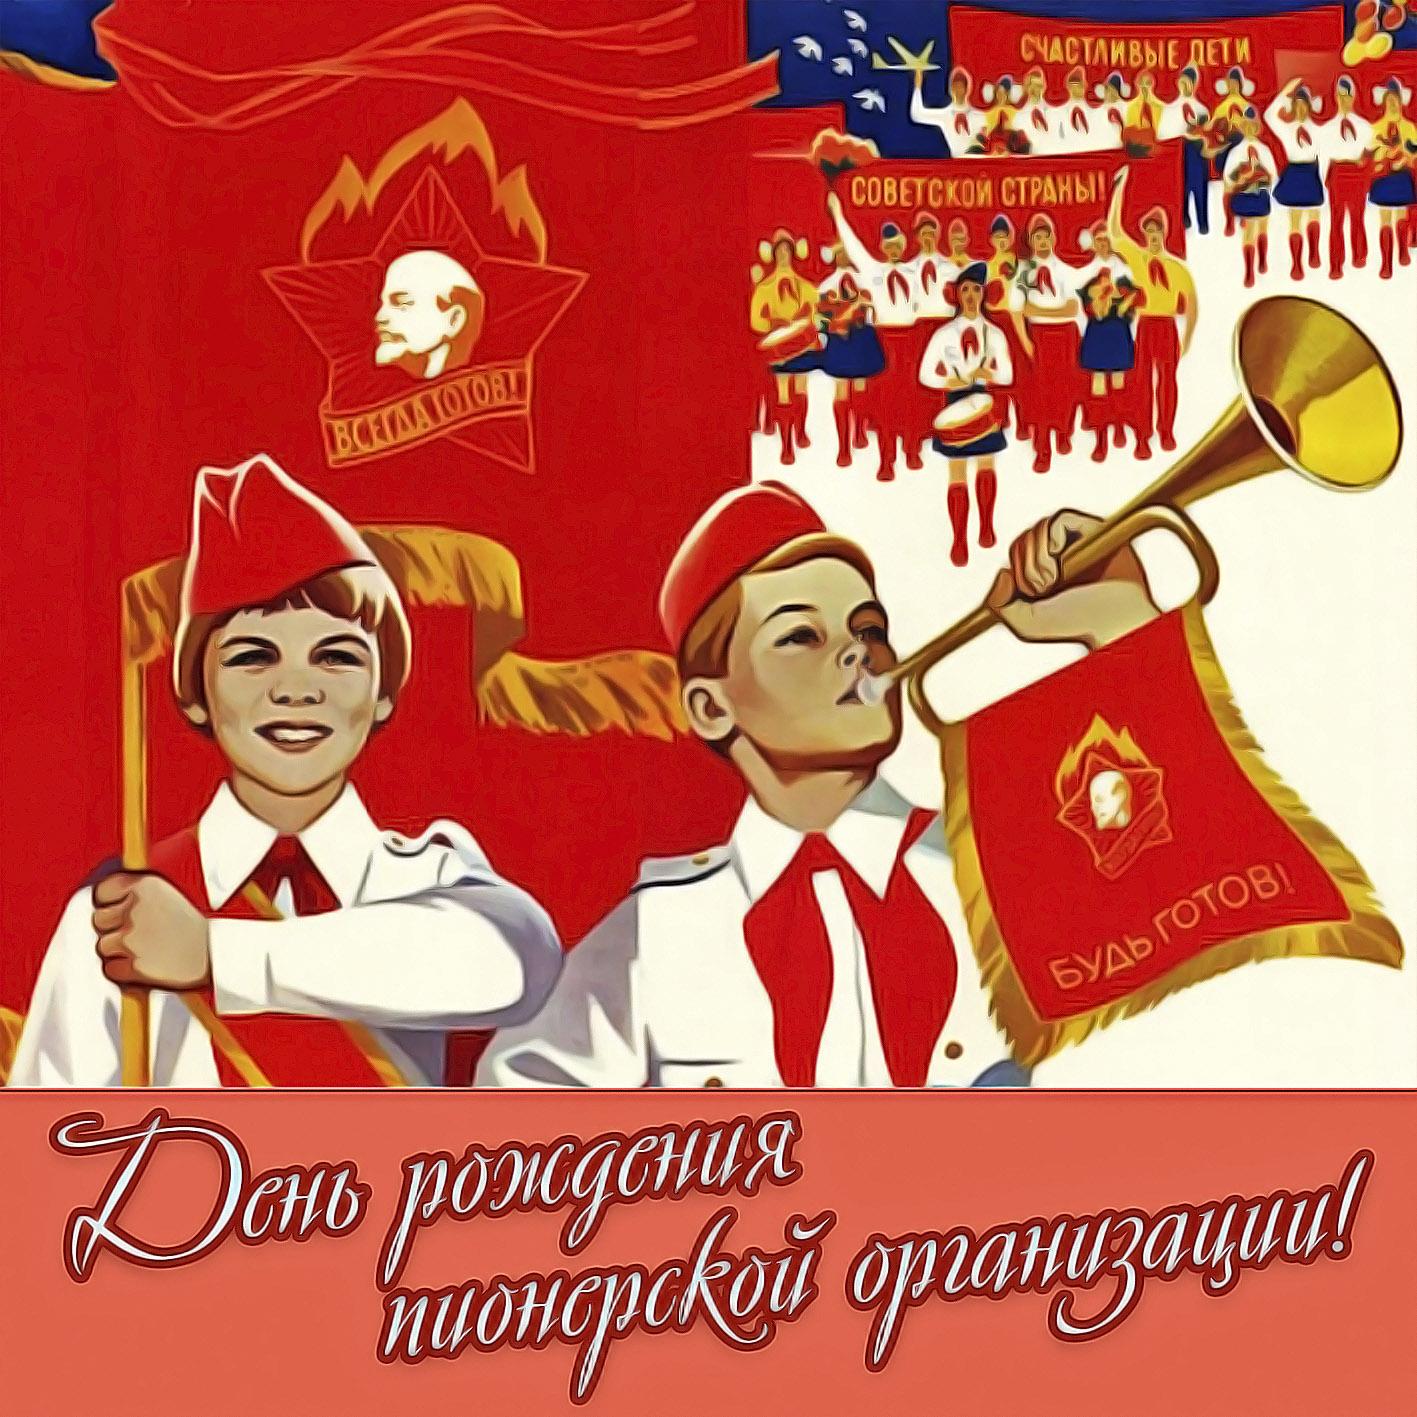 Открытка - пионеры с горном и флагом на ярком фоне